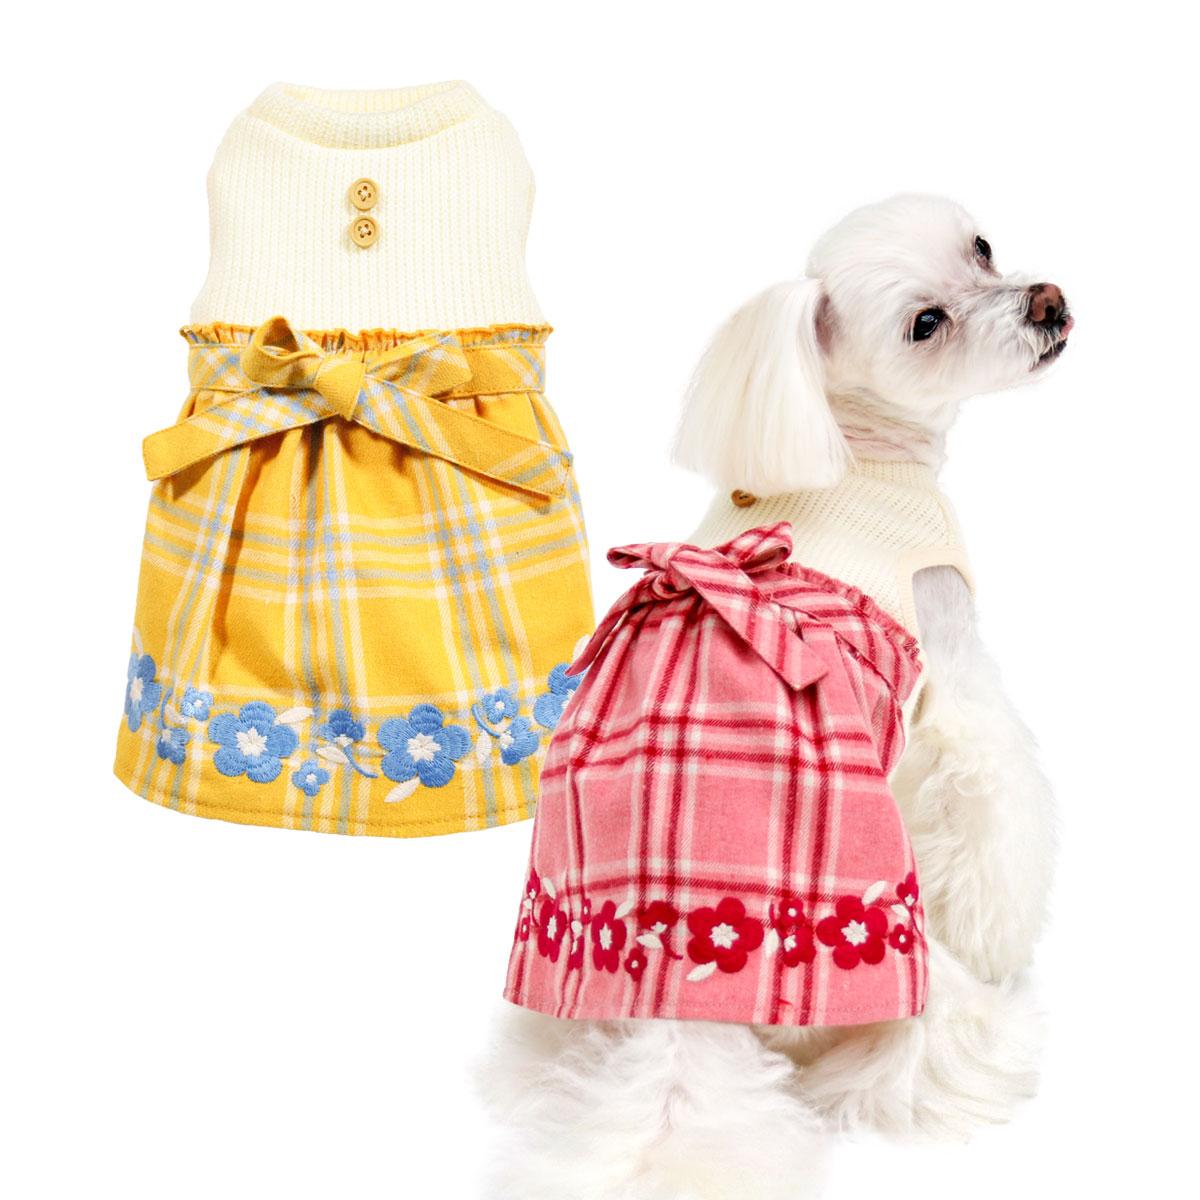 犬と生活 刺繍チェックワンピース